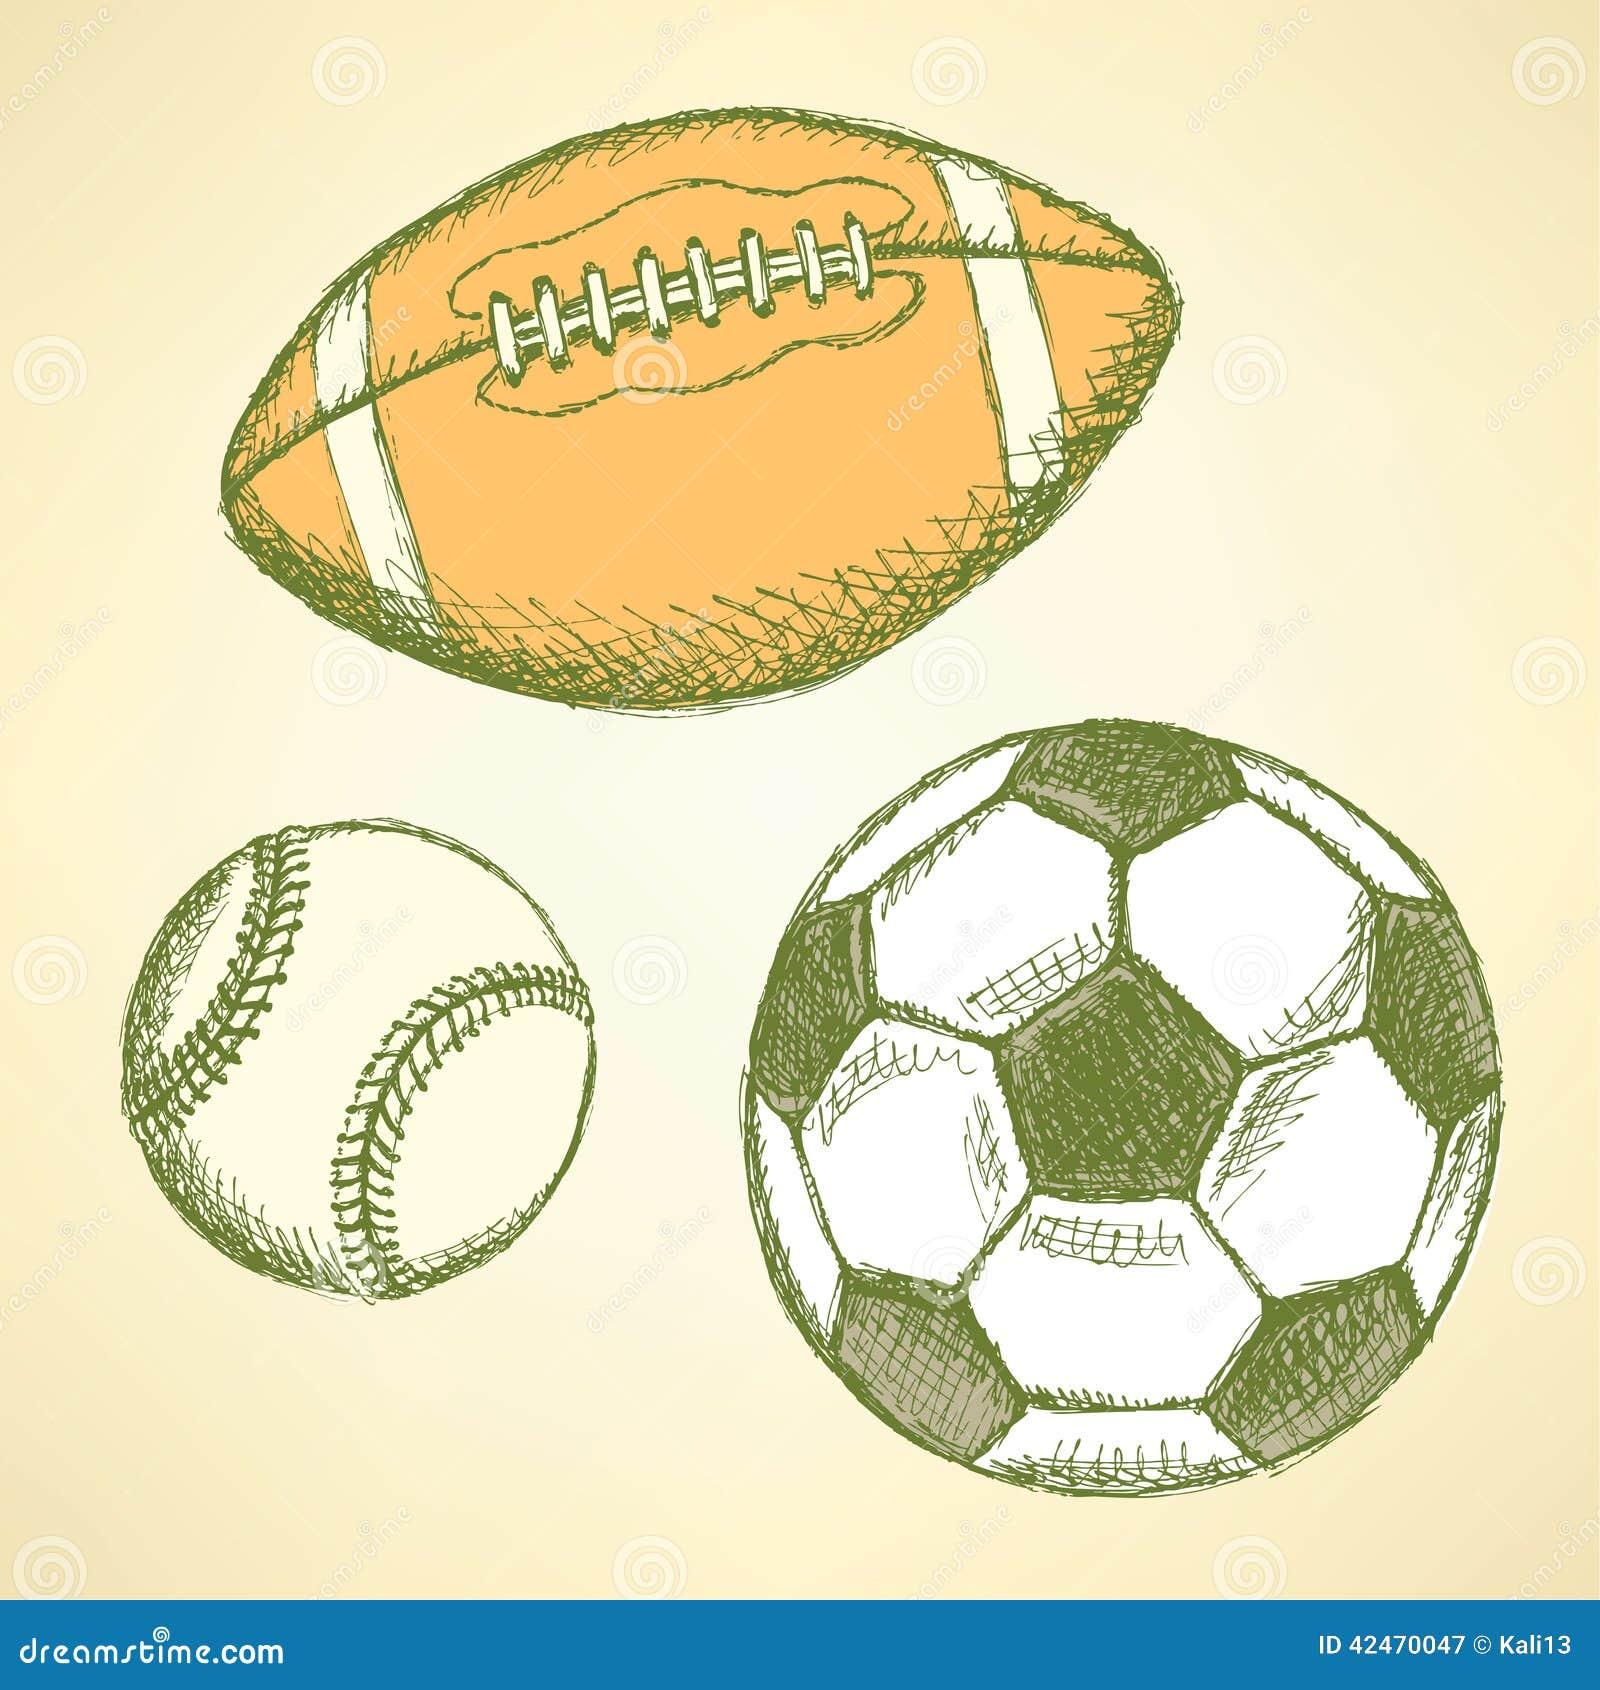 Baseball, amerikanischer Fußball und Fußbälle